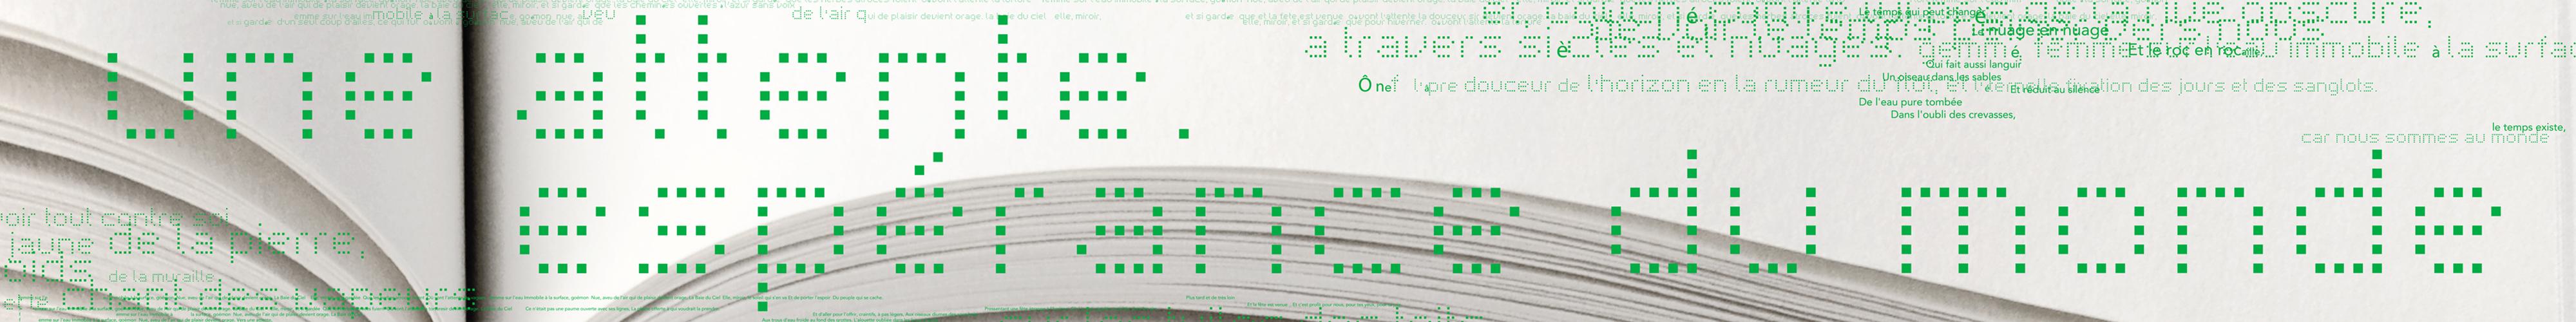 Images Livre -Texte sur plaques de verre, 4,5m x 1m, arche entrée personnel rectorat